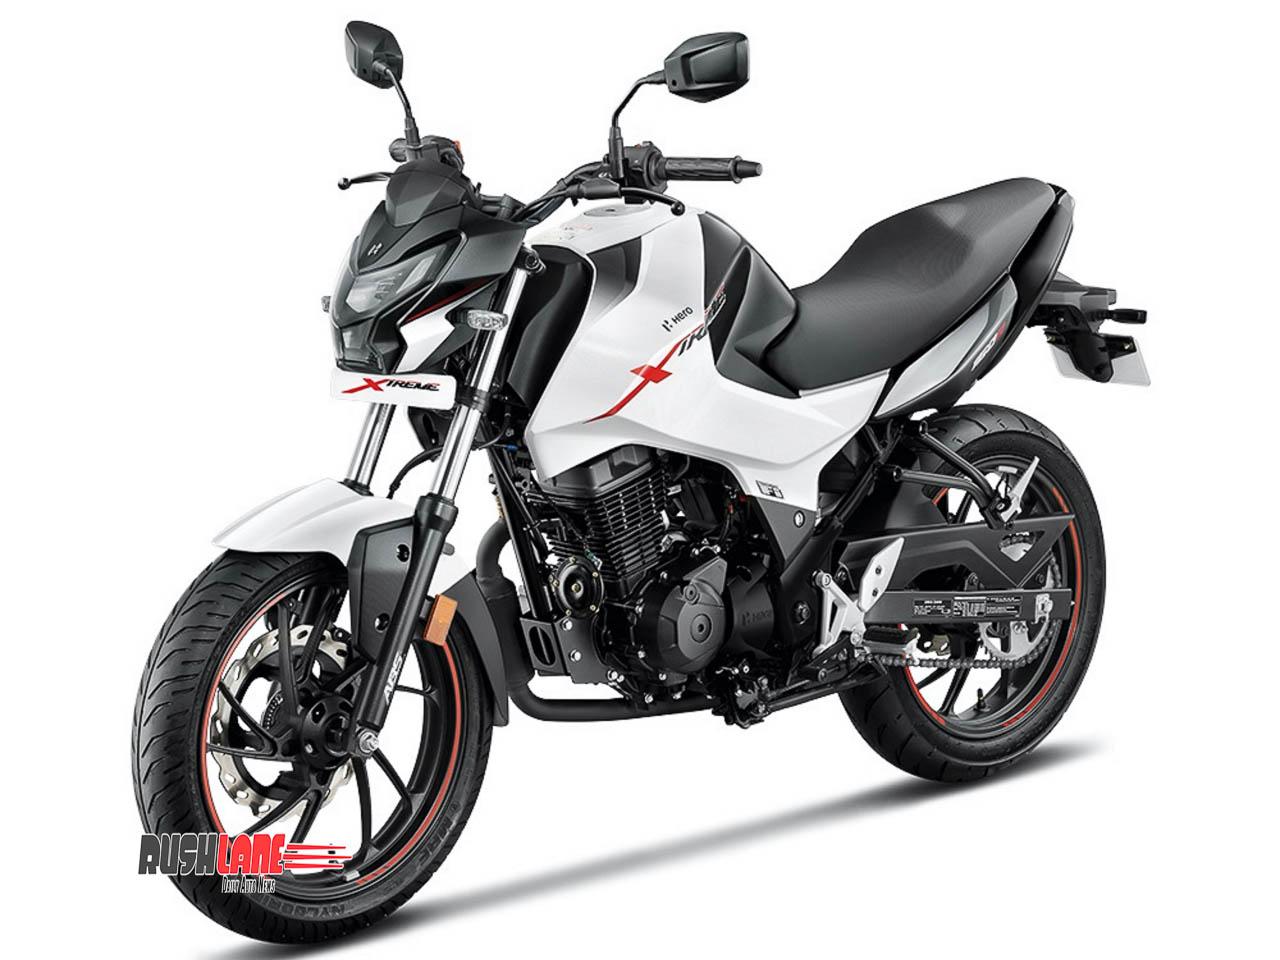 Hero Xtreme 160R launch price Rs 1 lakh – Bajaj Pulsar, TVS Apache rival